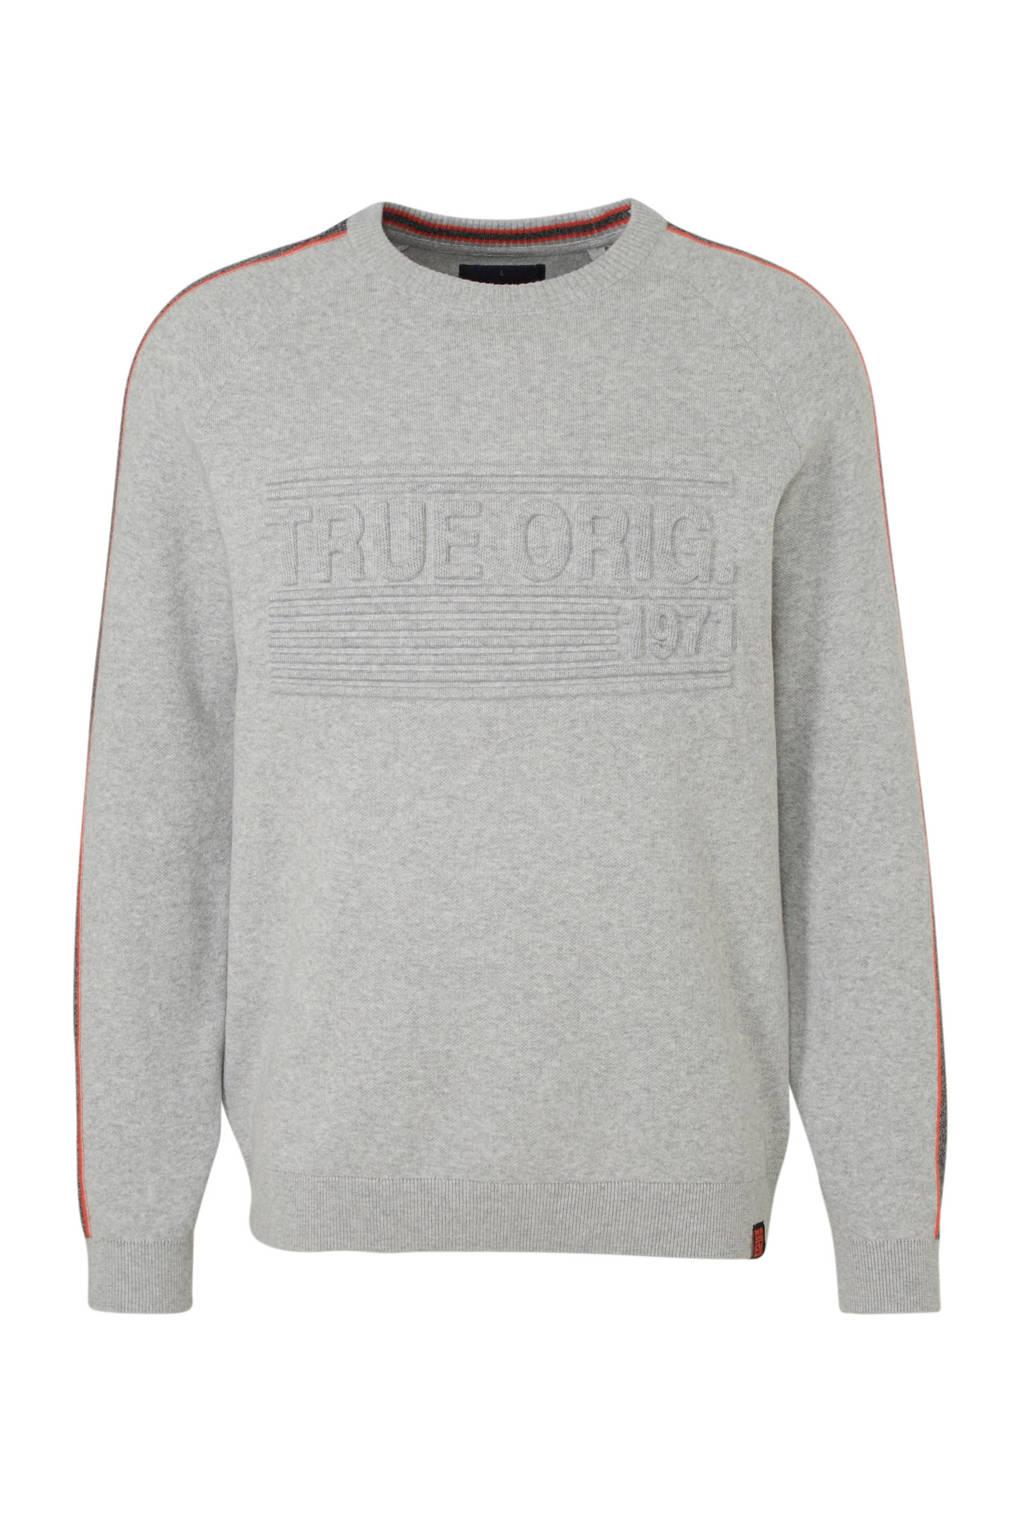 C&A sweater met printopdruk grijs, Grijs